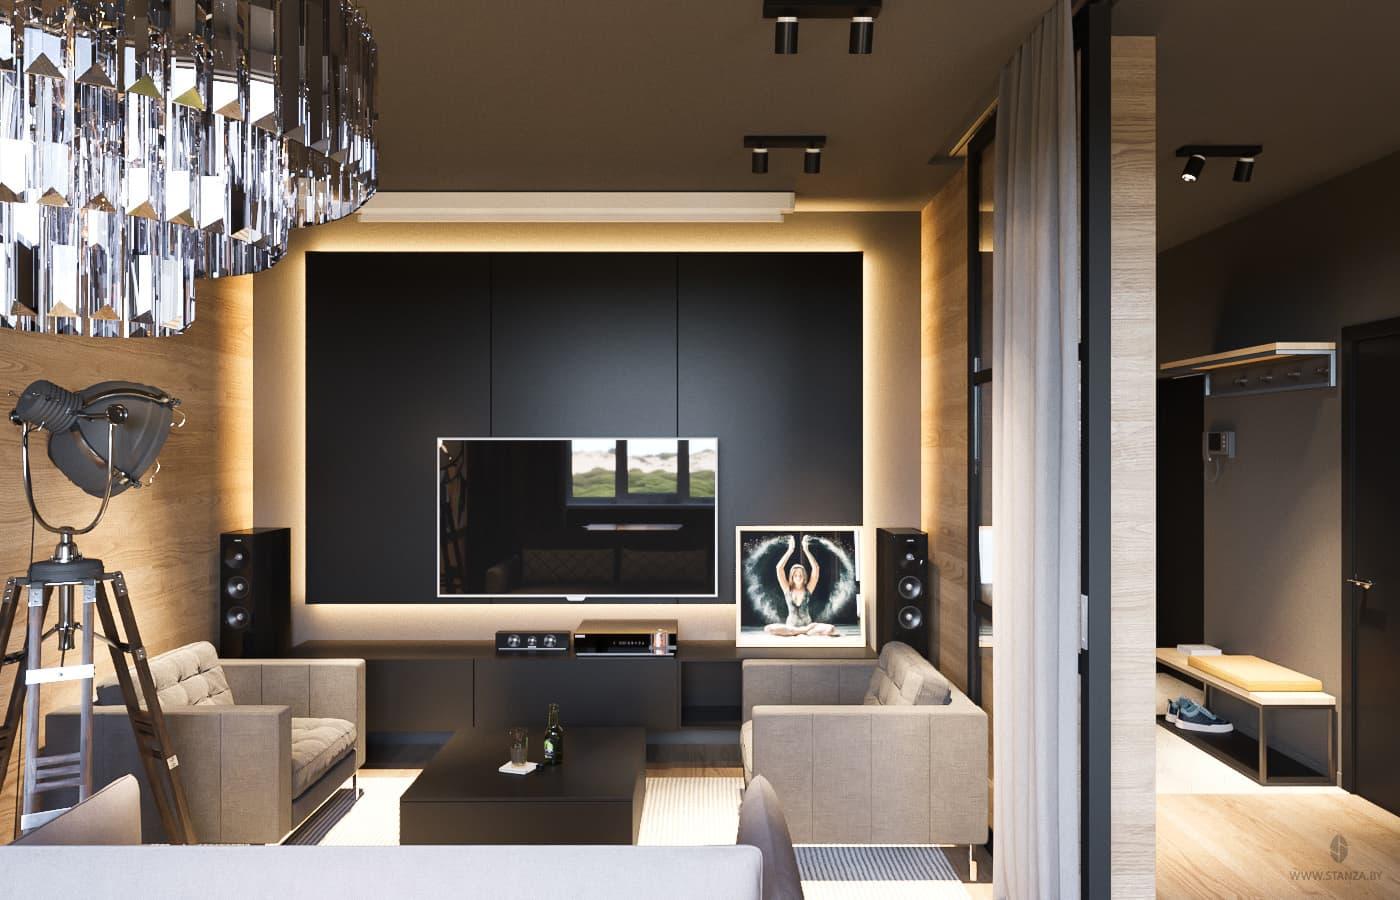 R.S.: чисто мужской интерьер двухкомнатной квартиры